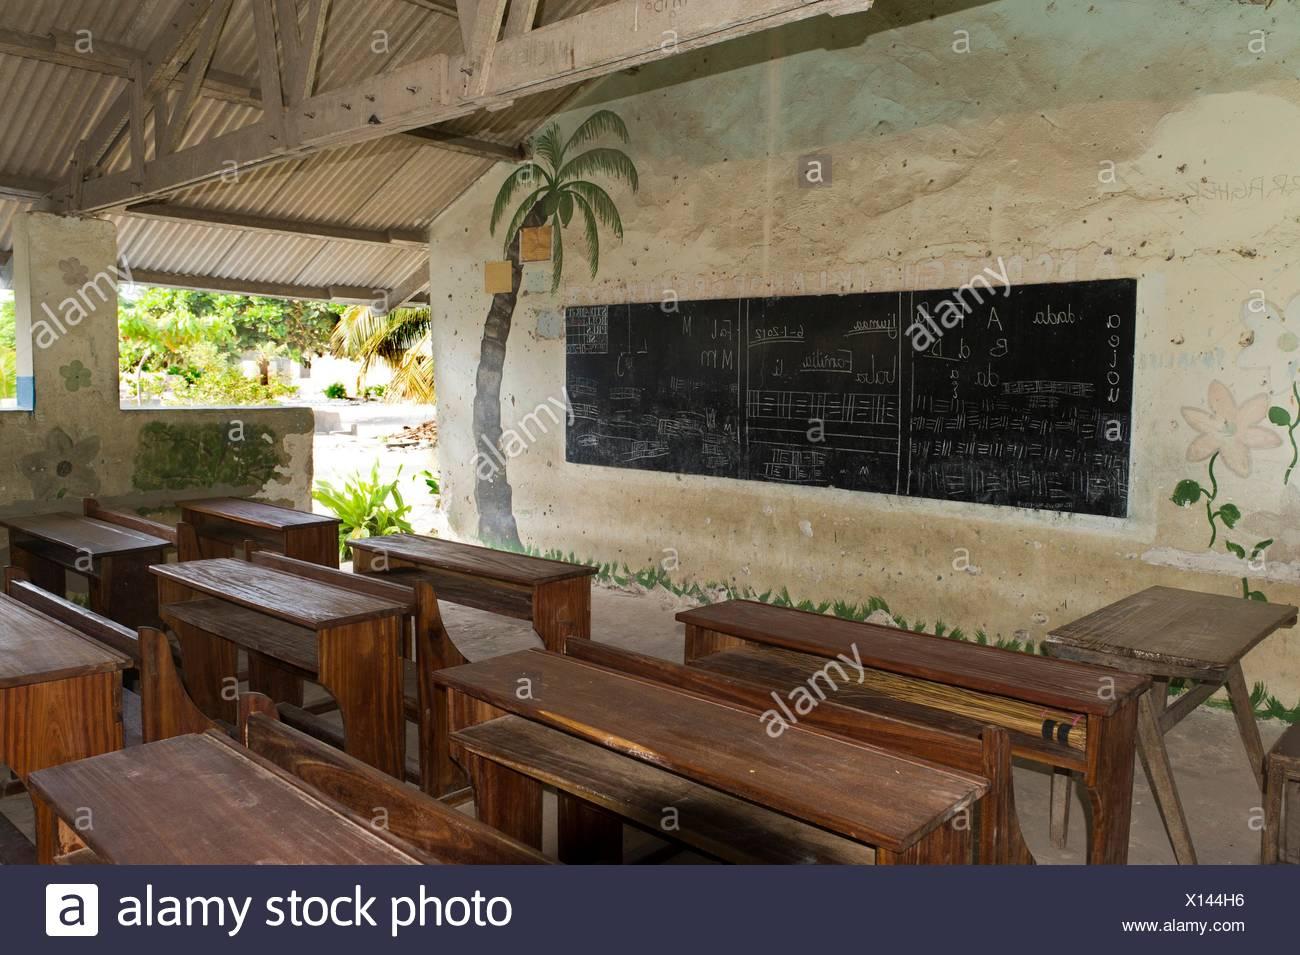 Dorf,Schule (Einrichtung),Grundschule,Pädagogik,Bildung,Bildungseinrichtung,Klassenzimmer,Afrika,Ostafrika,Tansania,Sansibar,Bwe - Stock Image